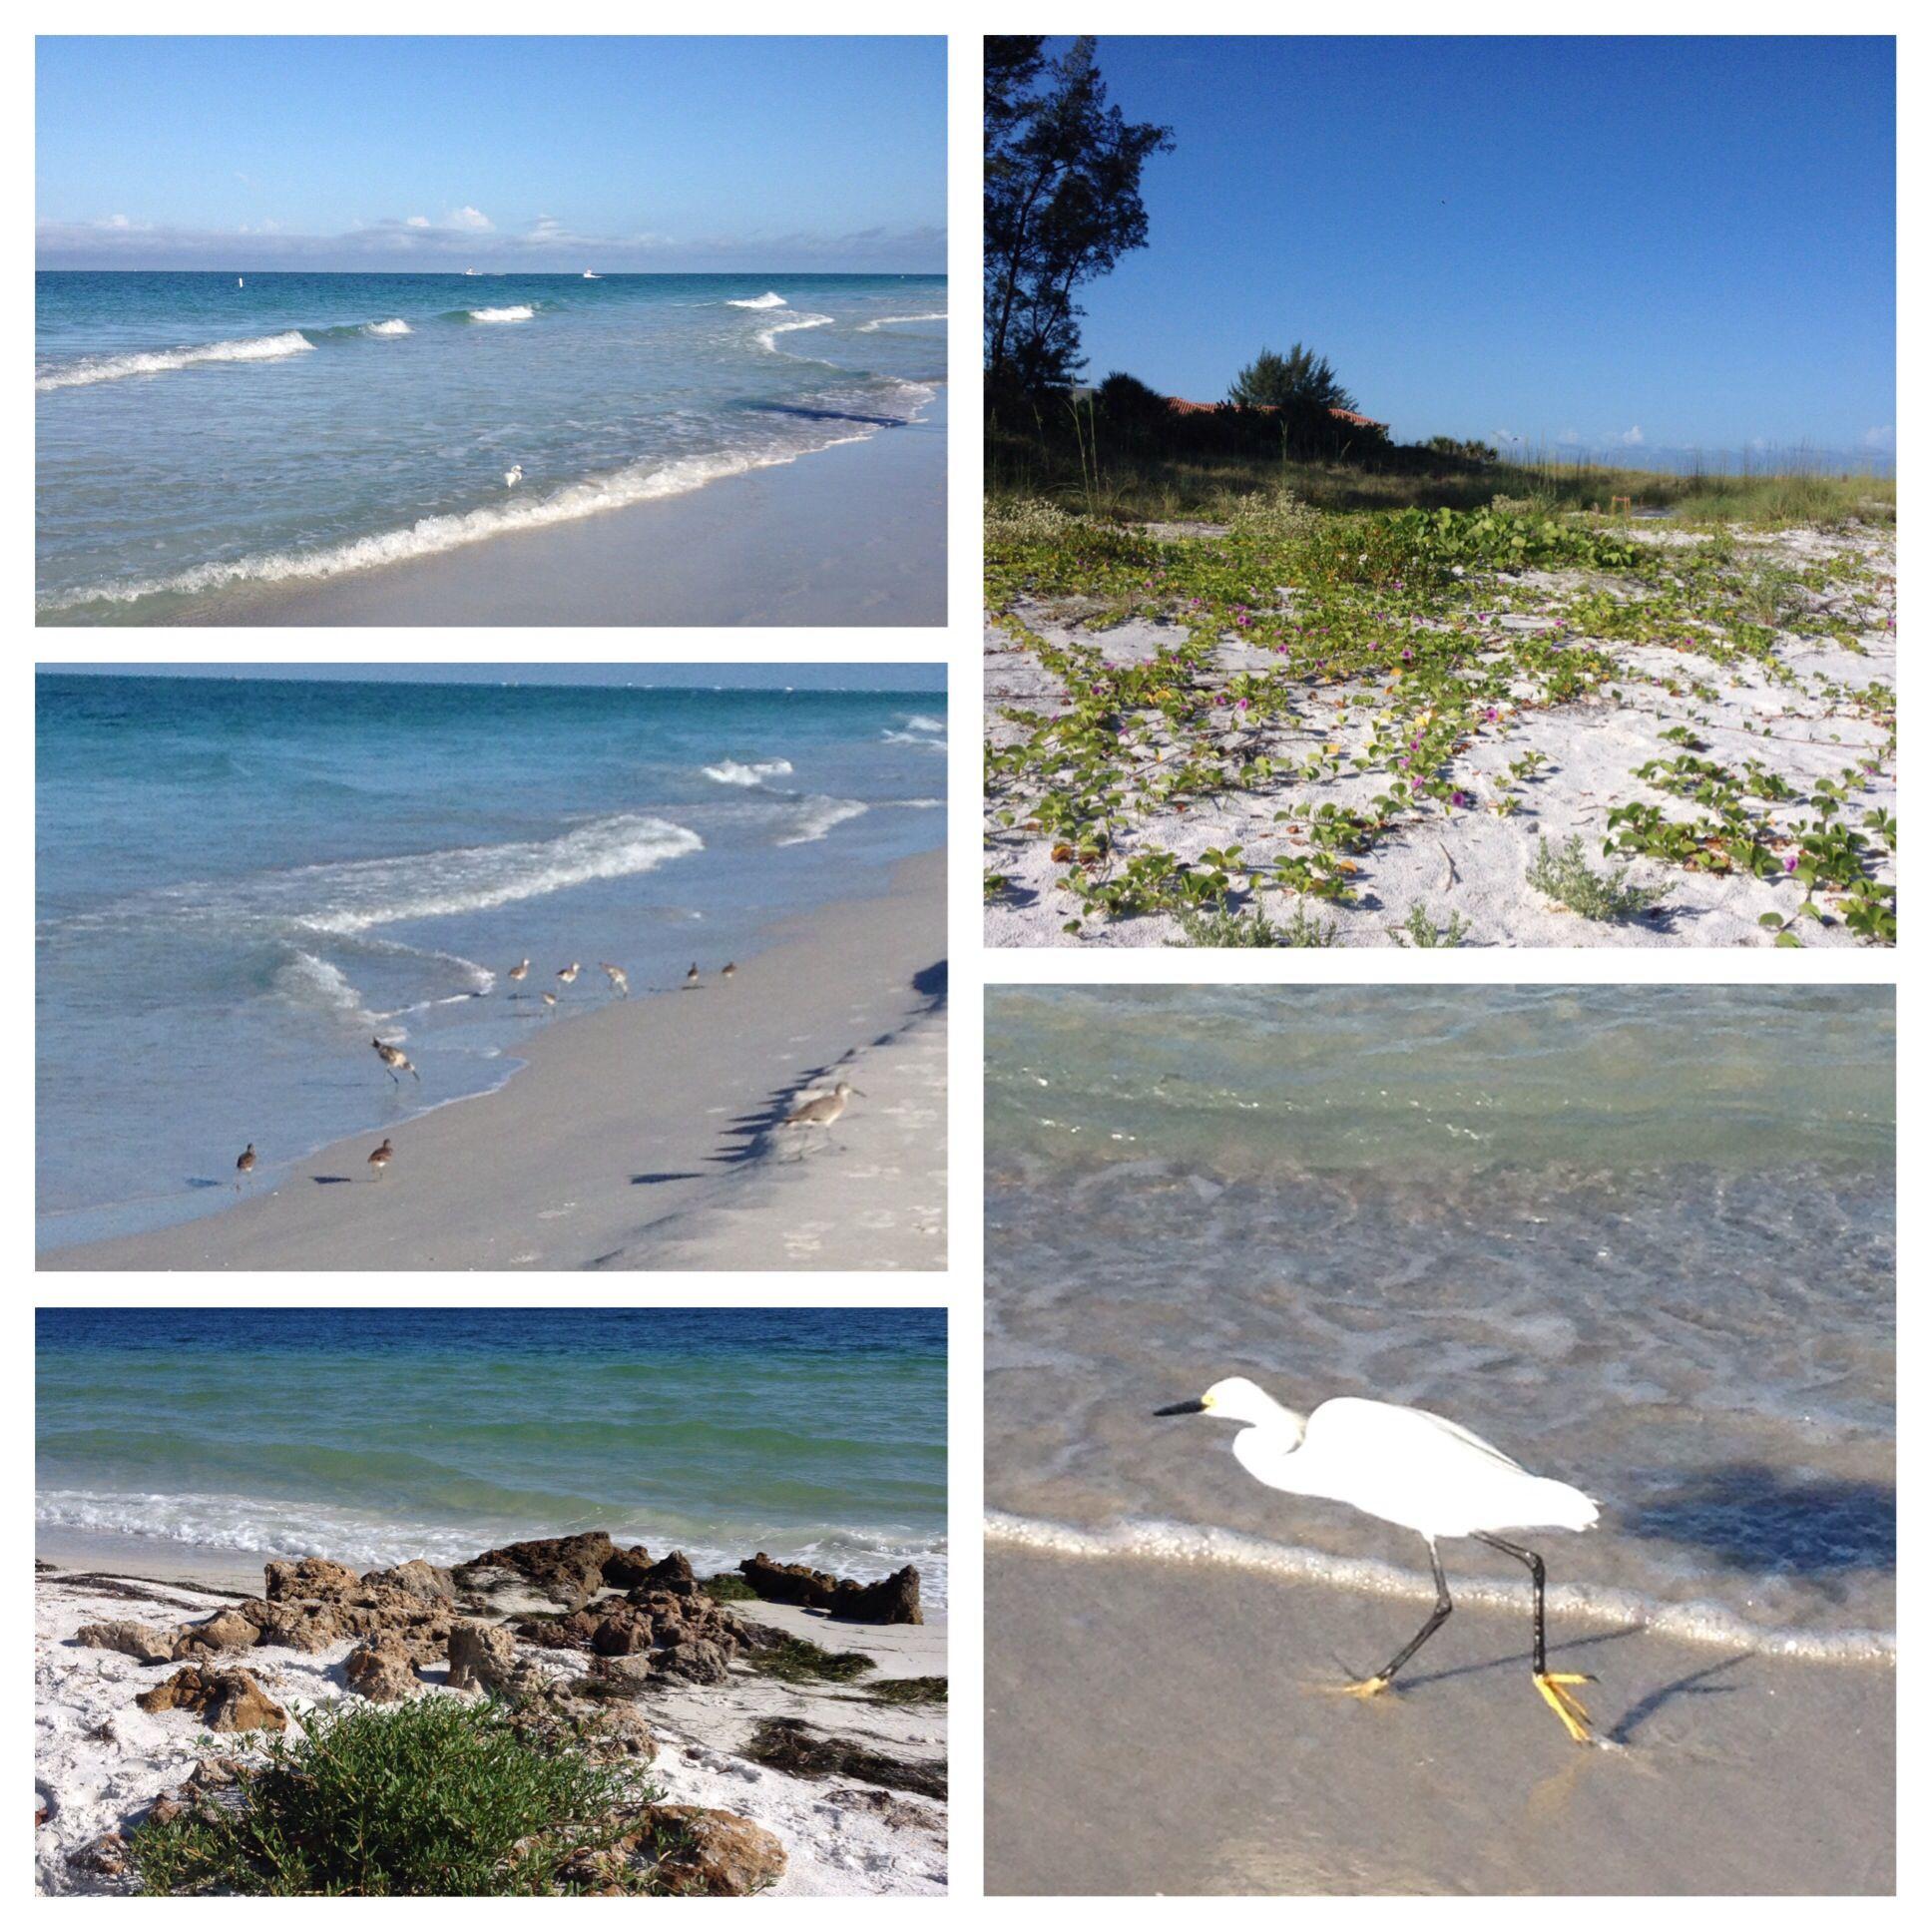 Anna Maria Island Beach: Anna Maria Island, Florida